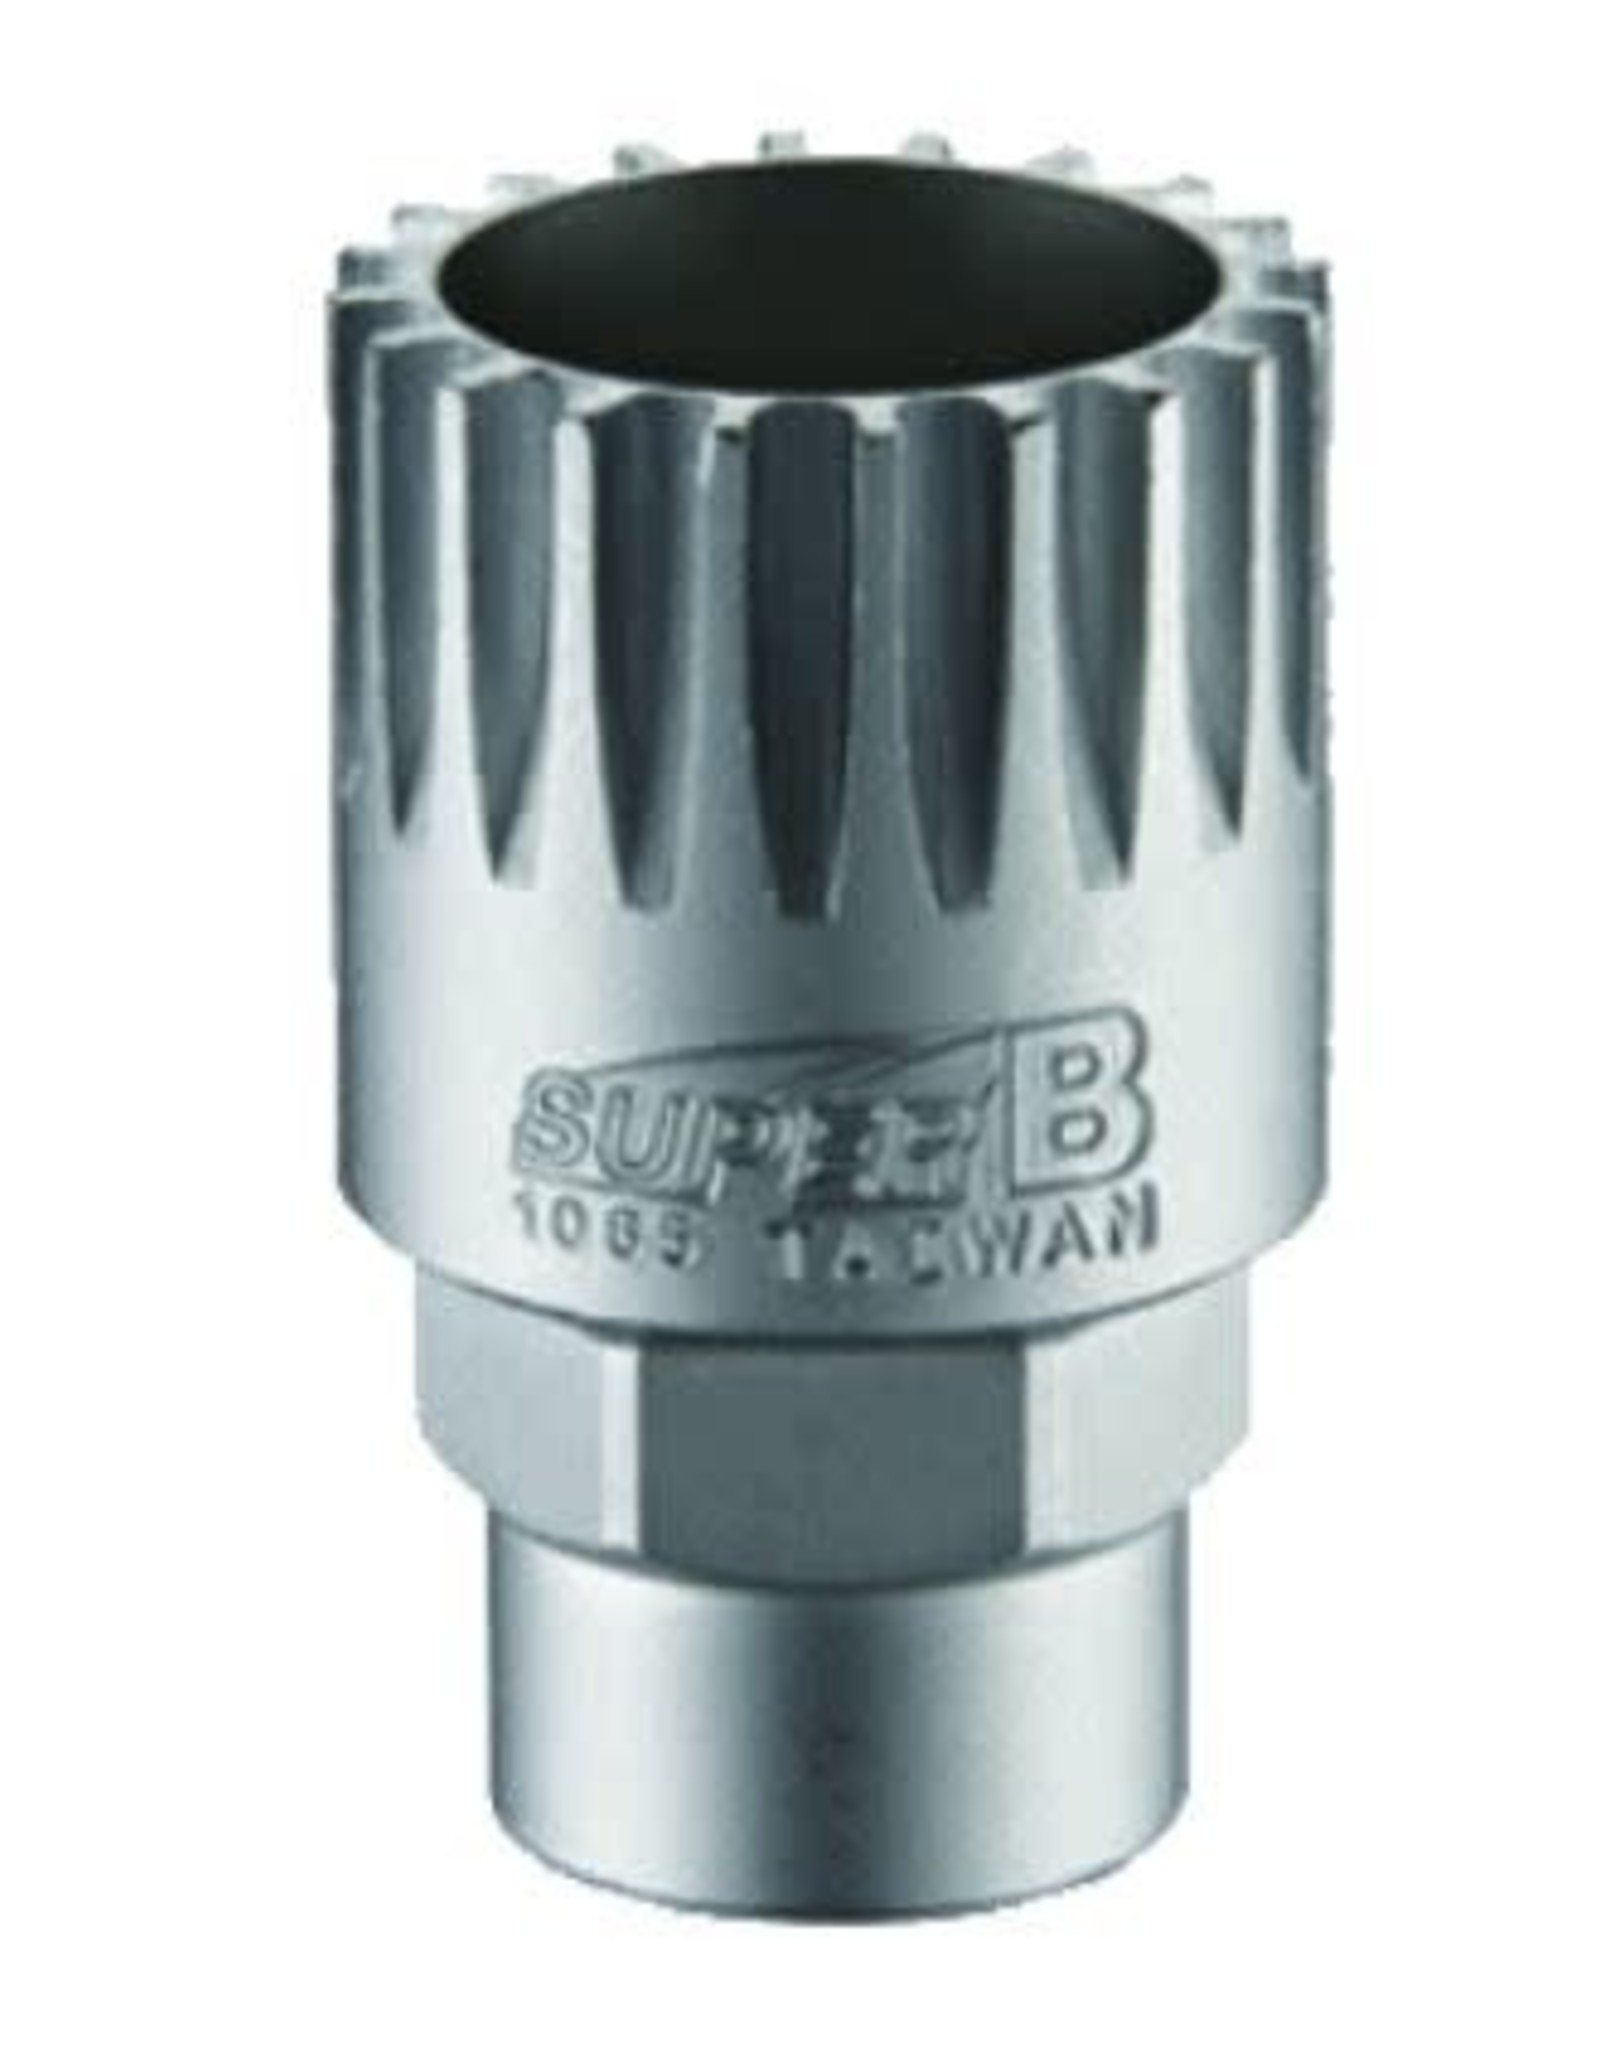 Super B Outil jeu pédalier Super B TB-1065 24mm 20 encoches